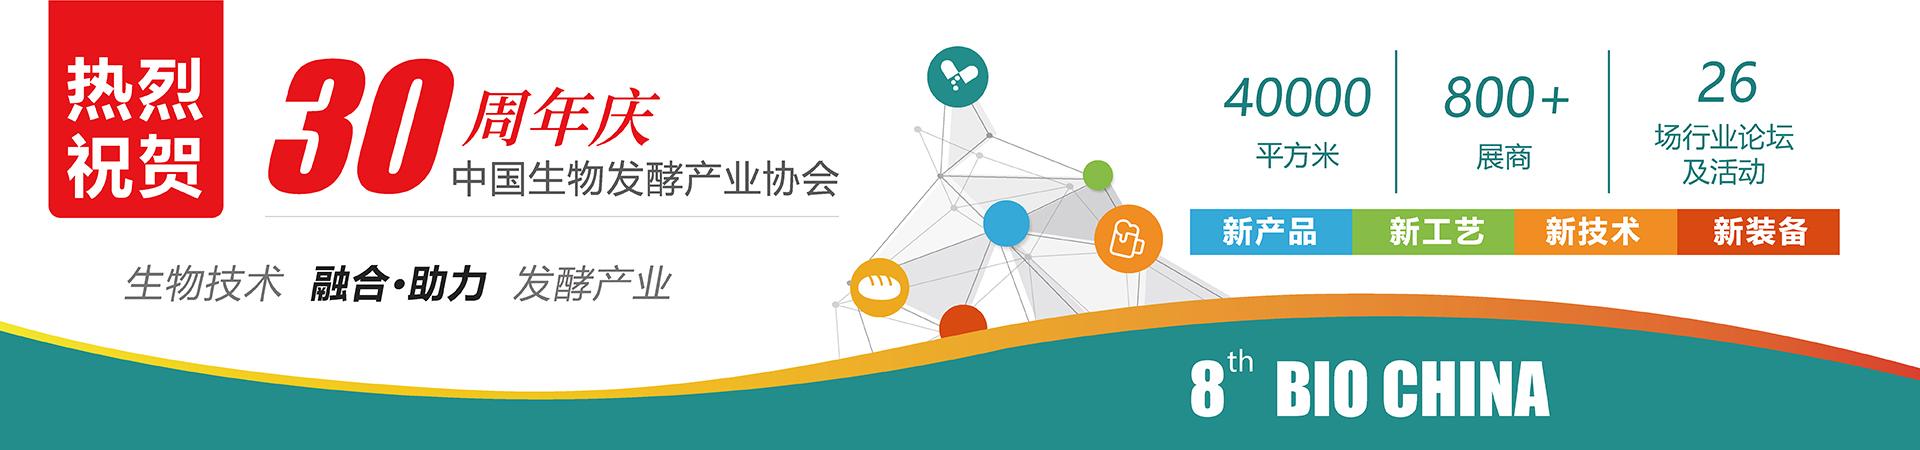 纵横生物产业·尽观2020上海生物发酵展